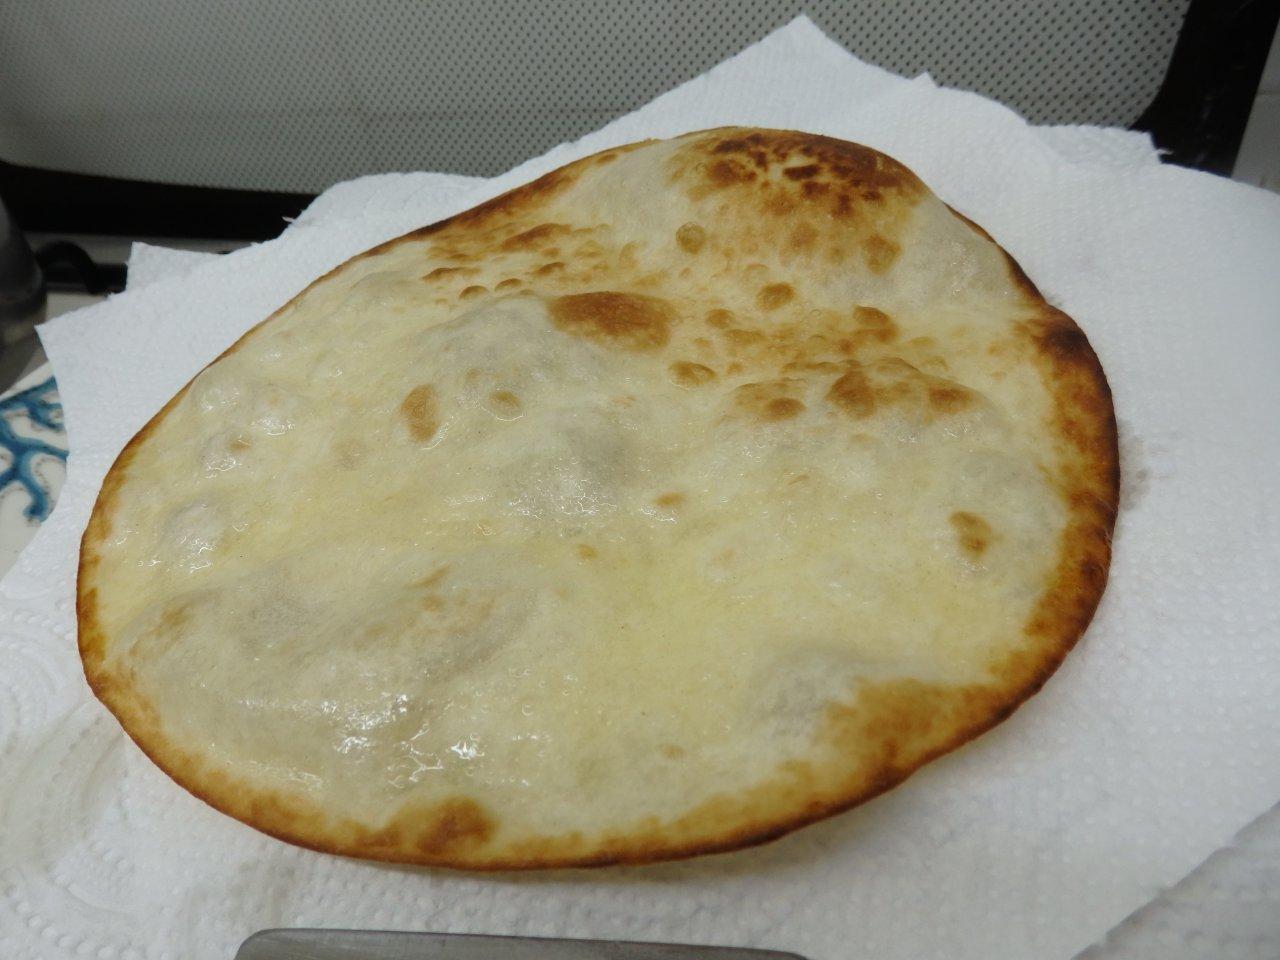 Tortilhas com Manteiga e Orégãos tortilhas com manteiga e orégãos Tortilhas com Manteiga e Orégãos Tortilhas com Manteiga e Oregaos 4